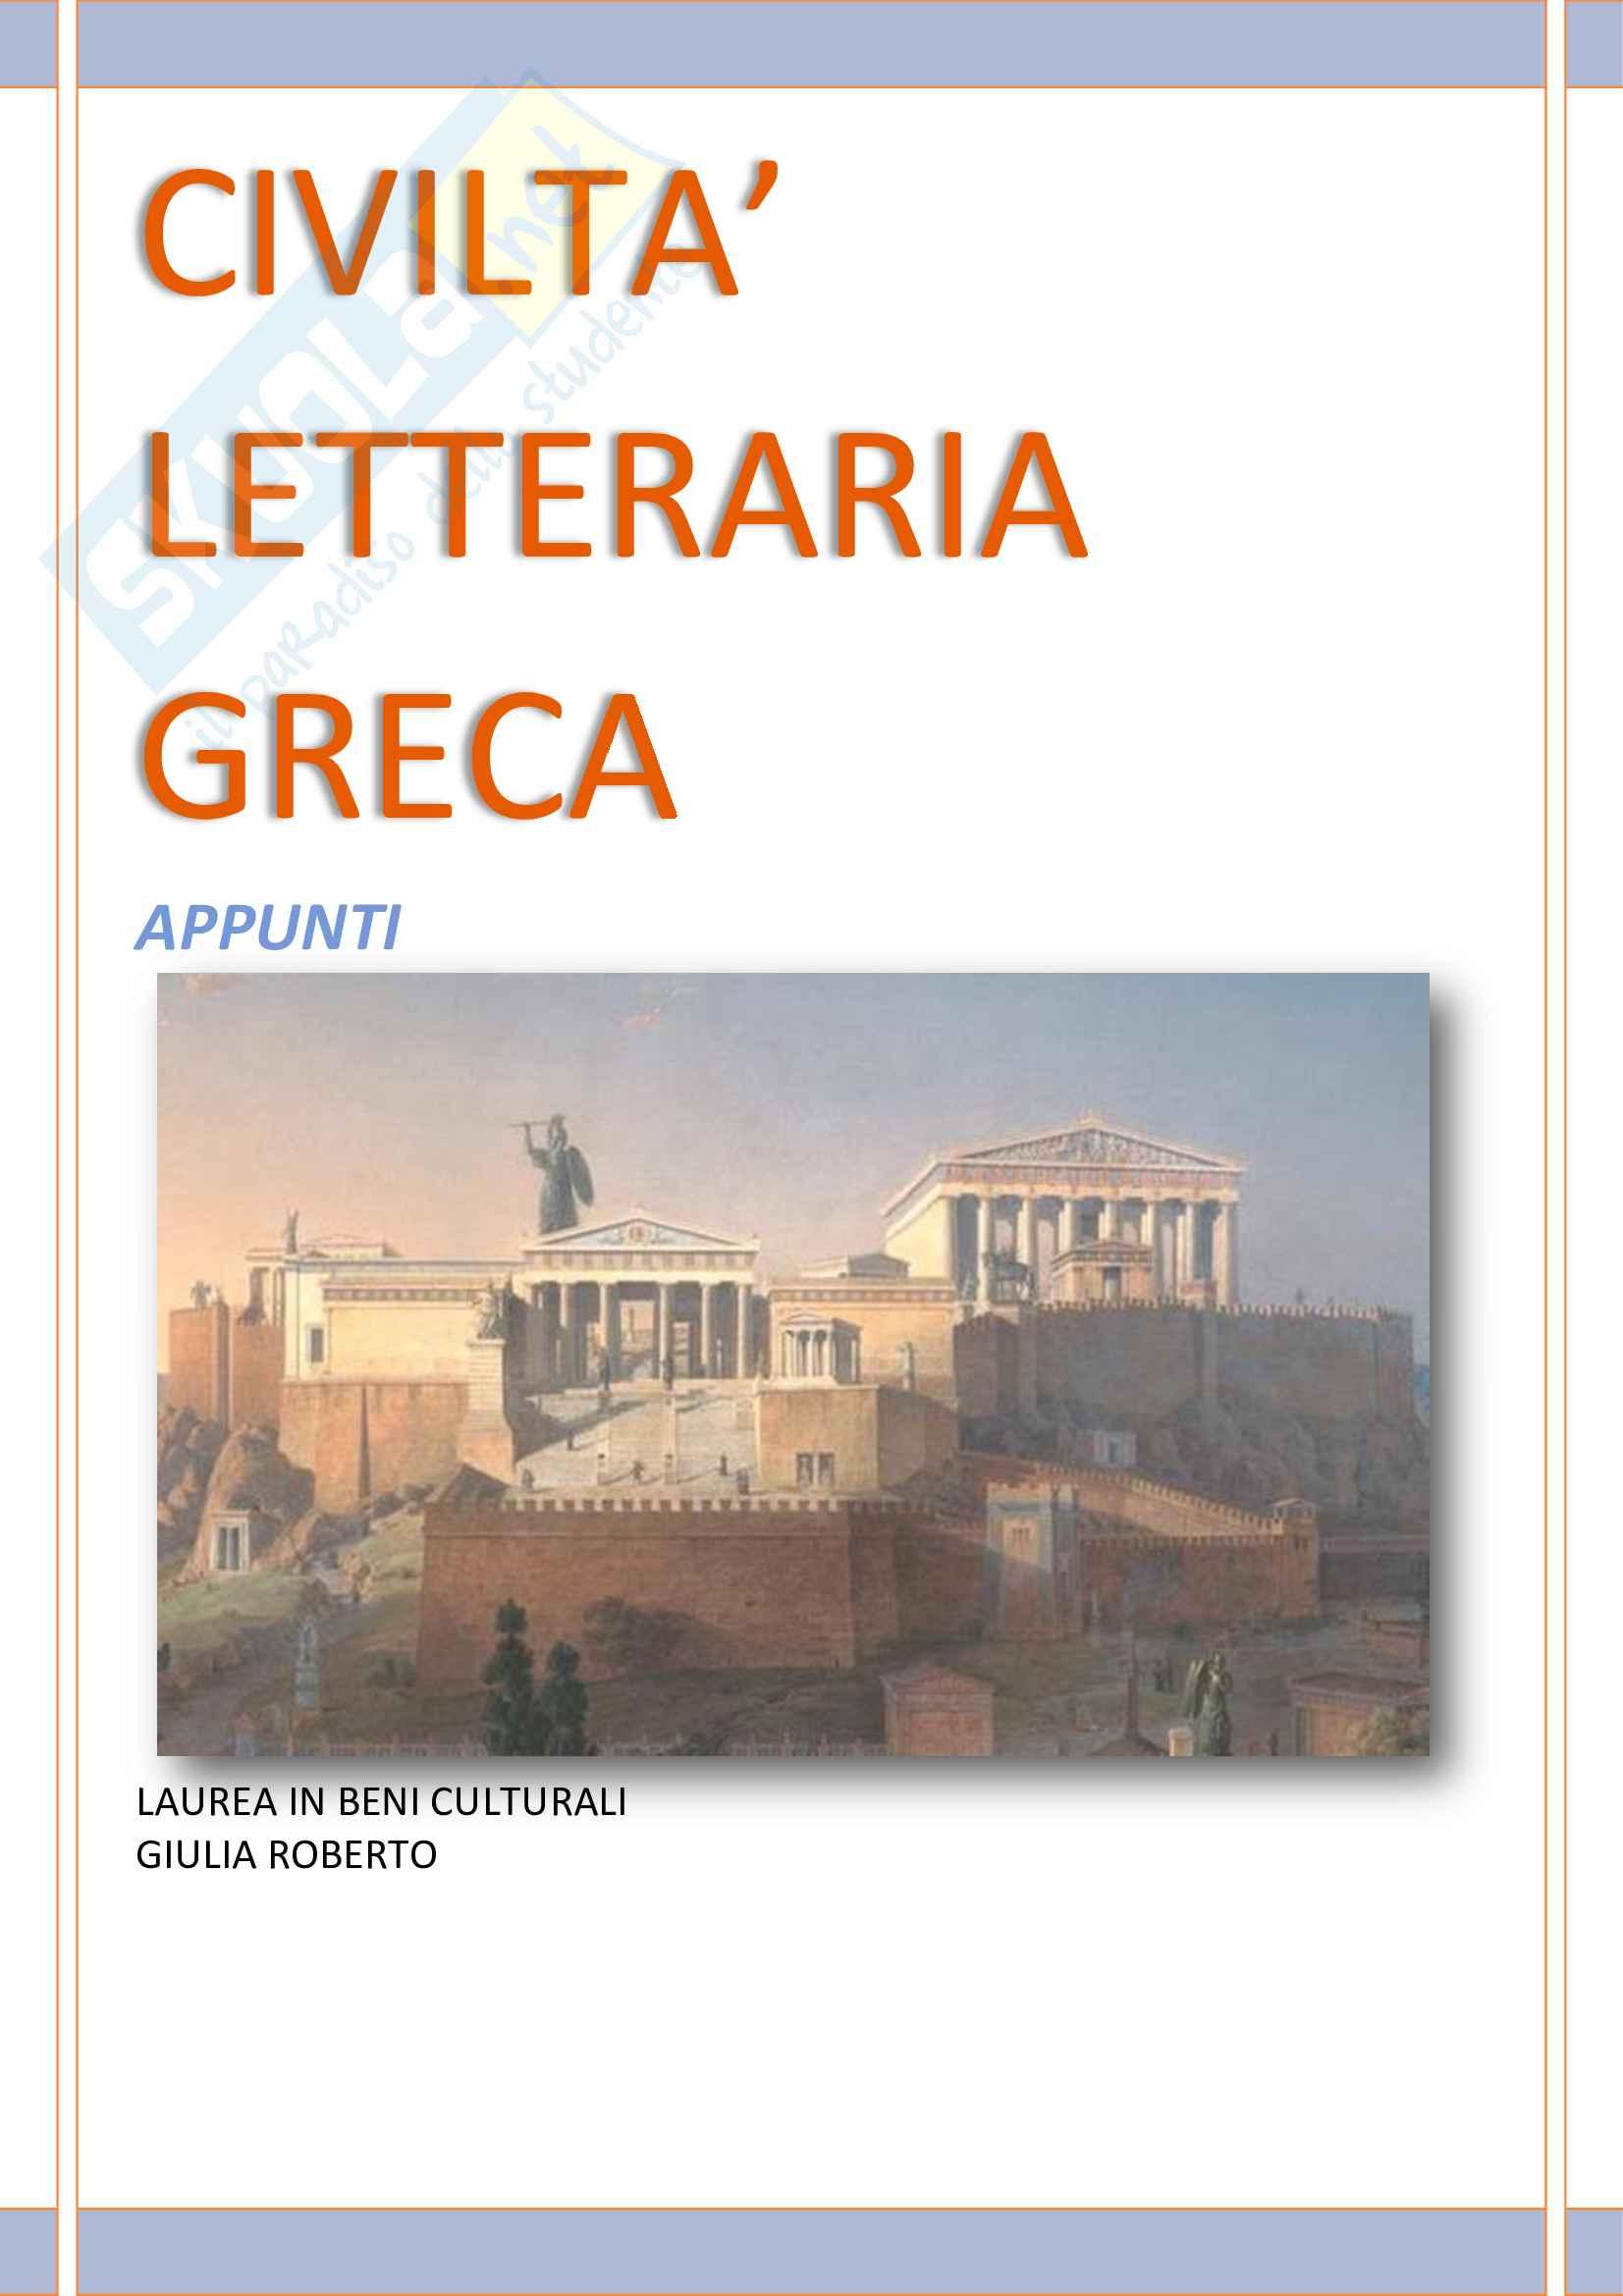 Civiltà letteraria greca - Appunti Pag. 1